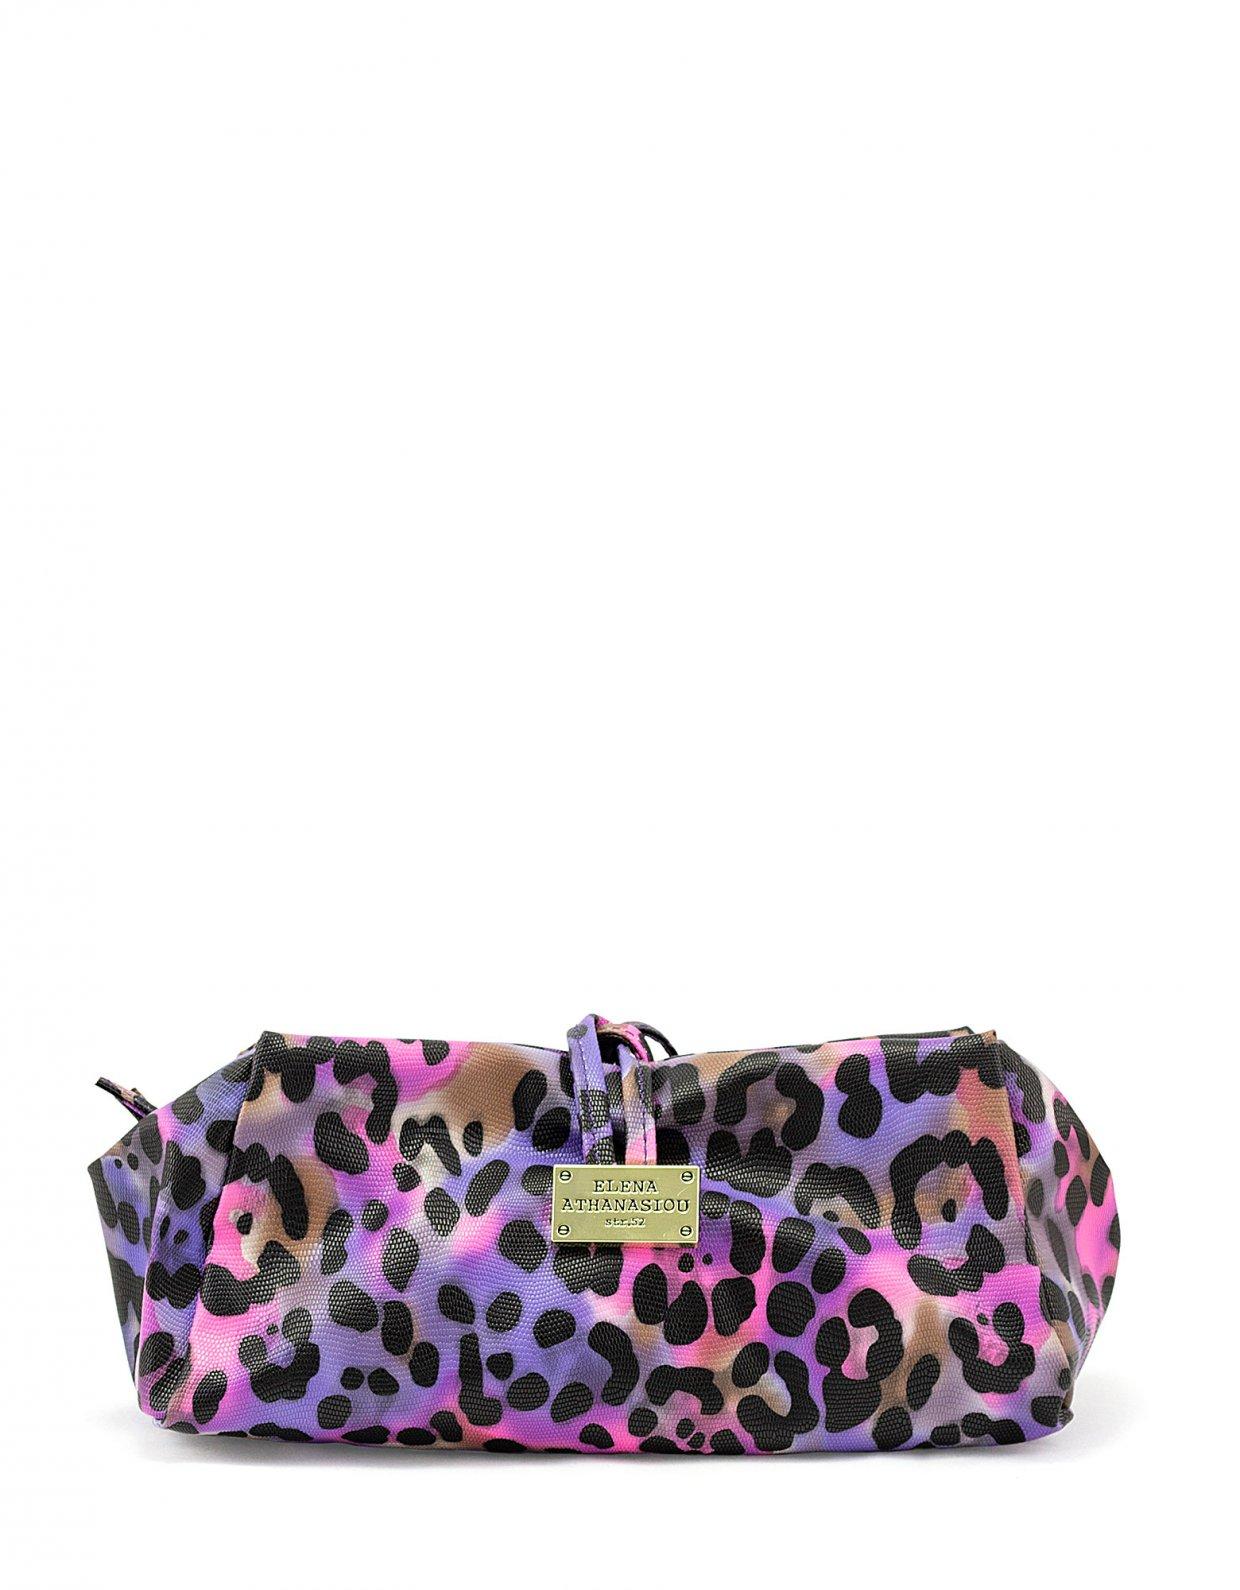 Elena Athanasiou Large lunch bag animal print purple